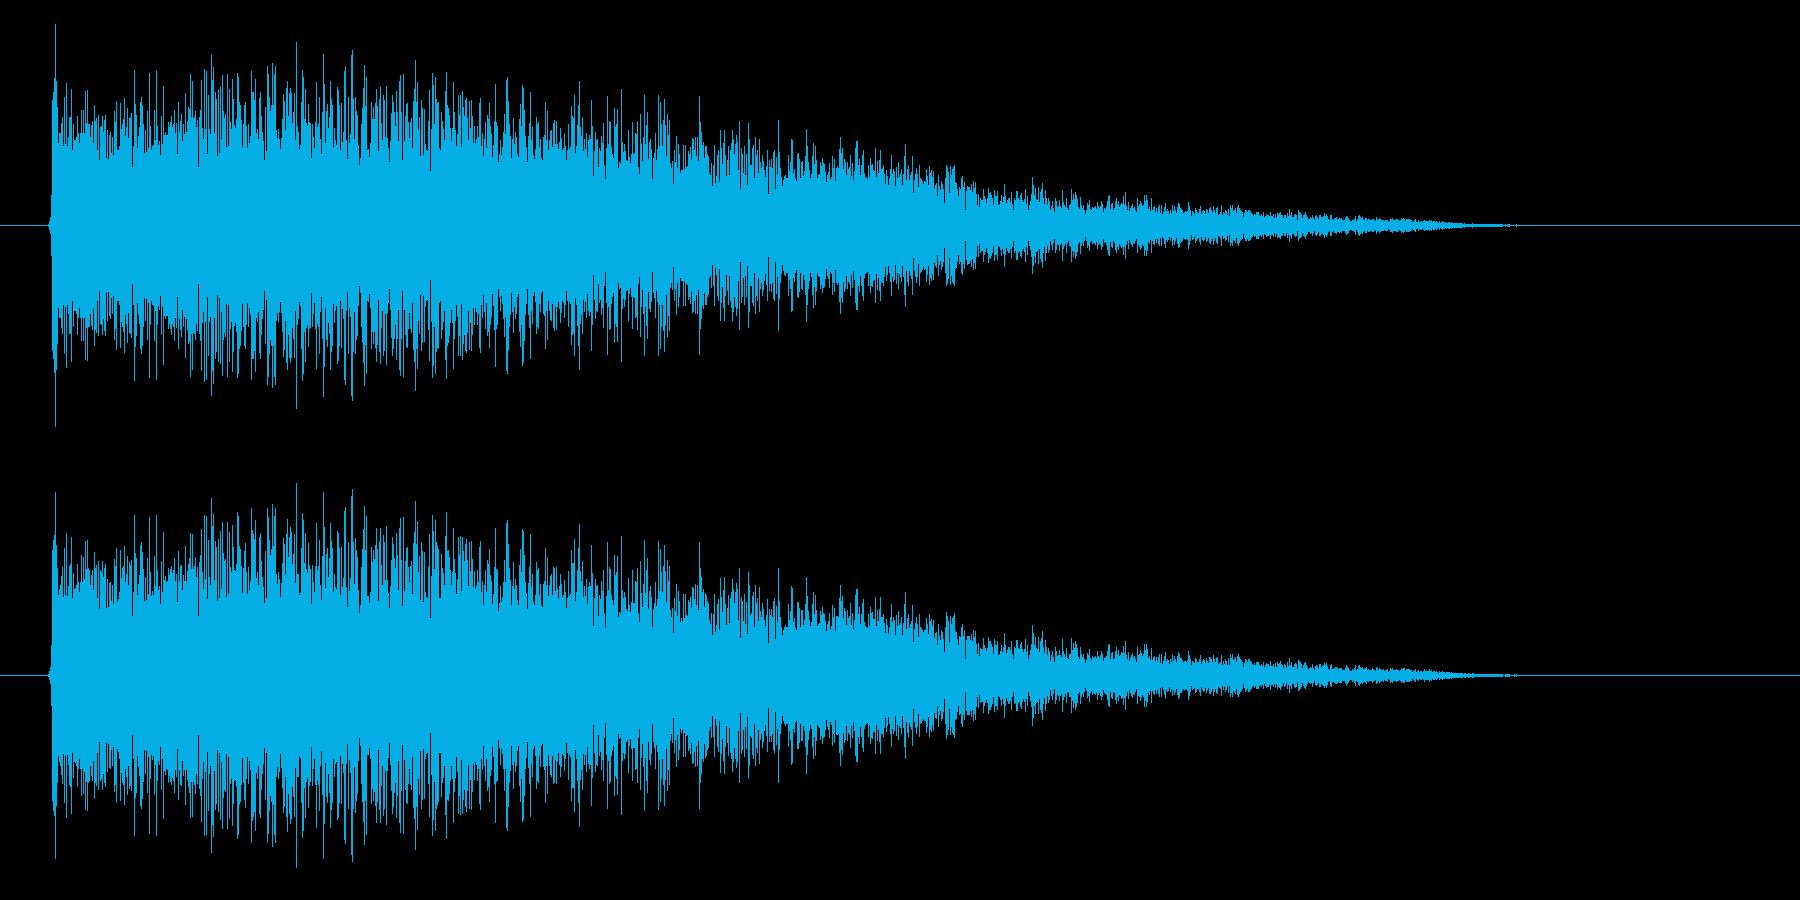 扉が開くようなピシューというSF的効果音の再生済みの波形